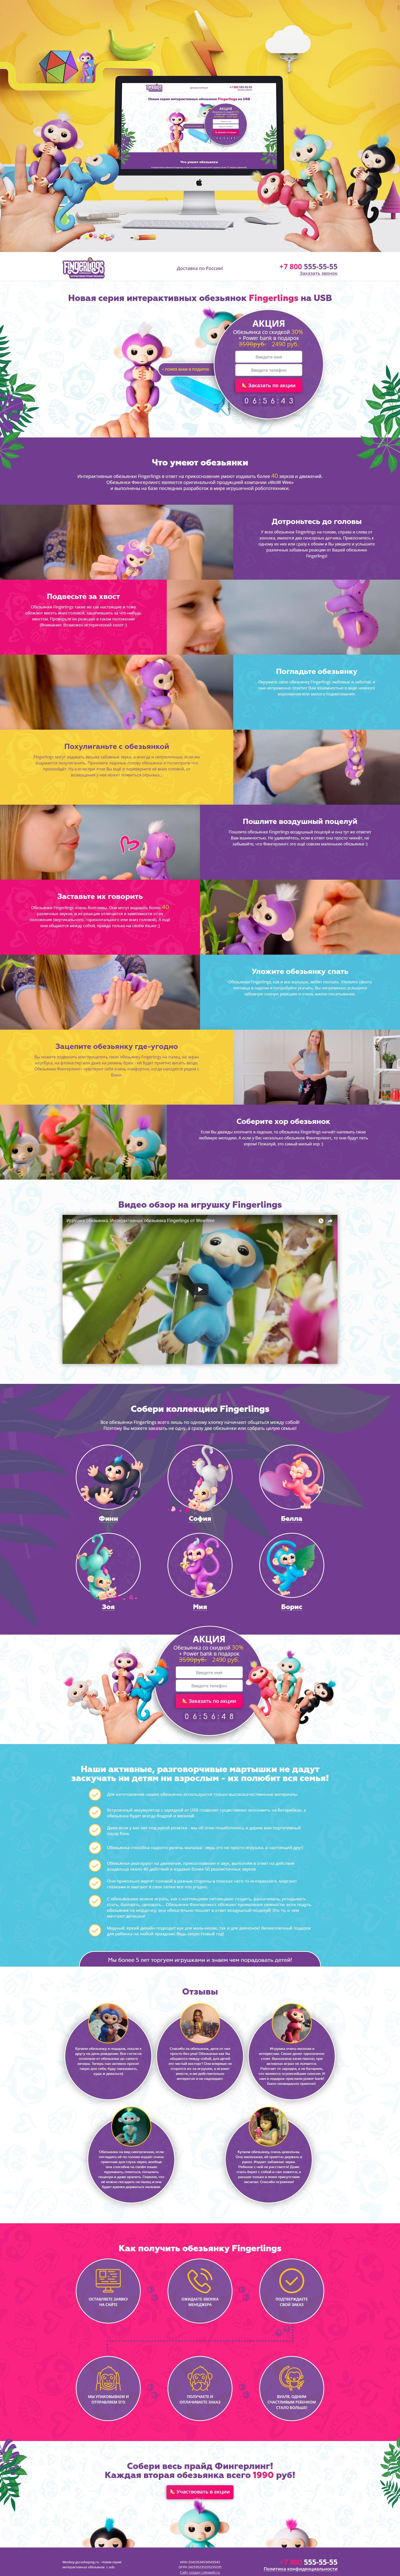 2017 год. Fingerlings игрушки. landing page под ключ + CMS + Адаптивность (Планшет, телефон, широкоформатный)